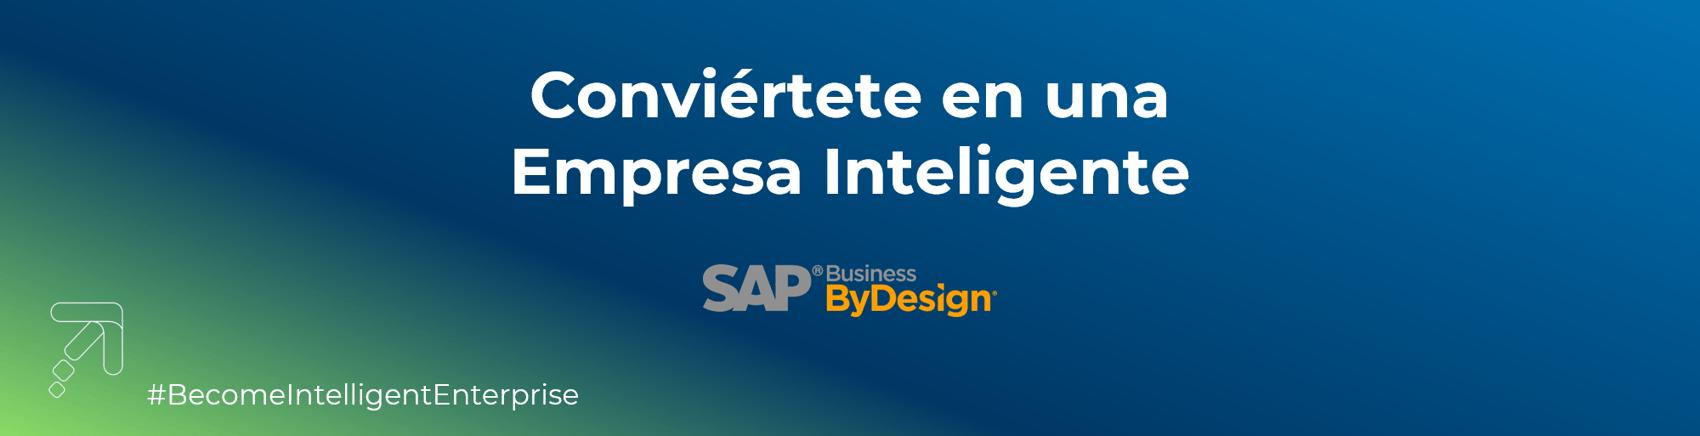 Banner Empresa Inteligente email 1